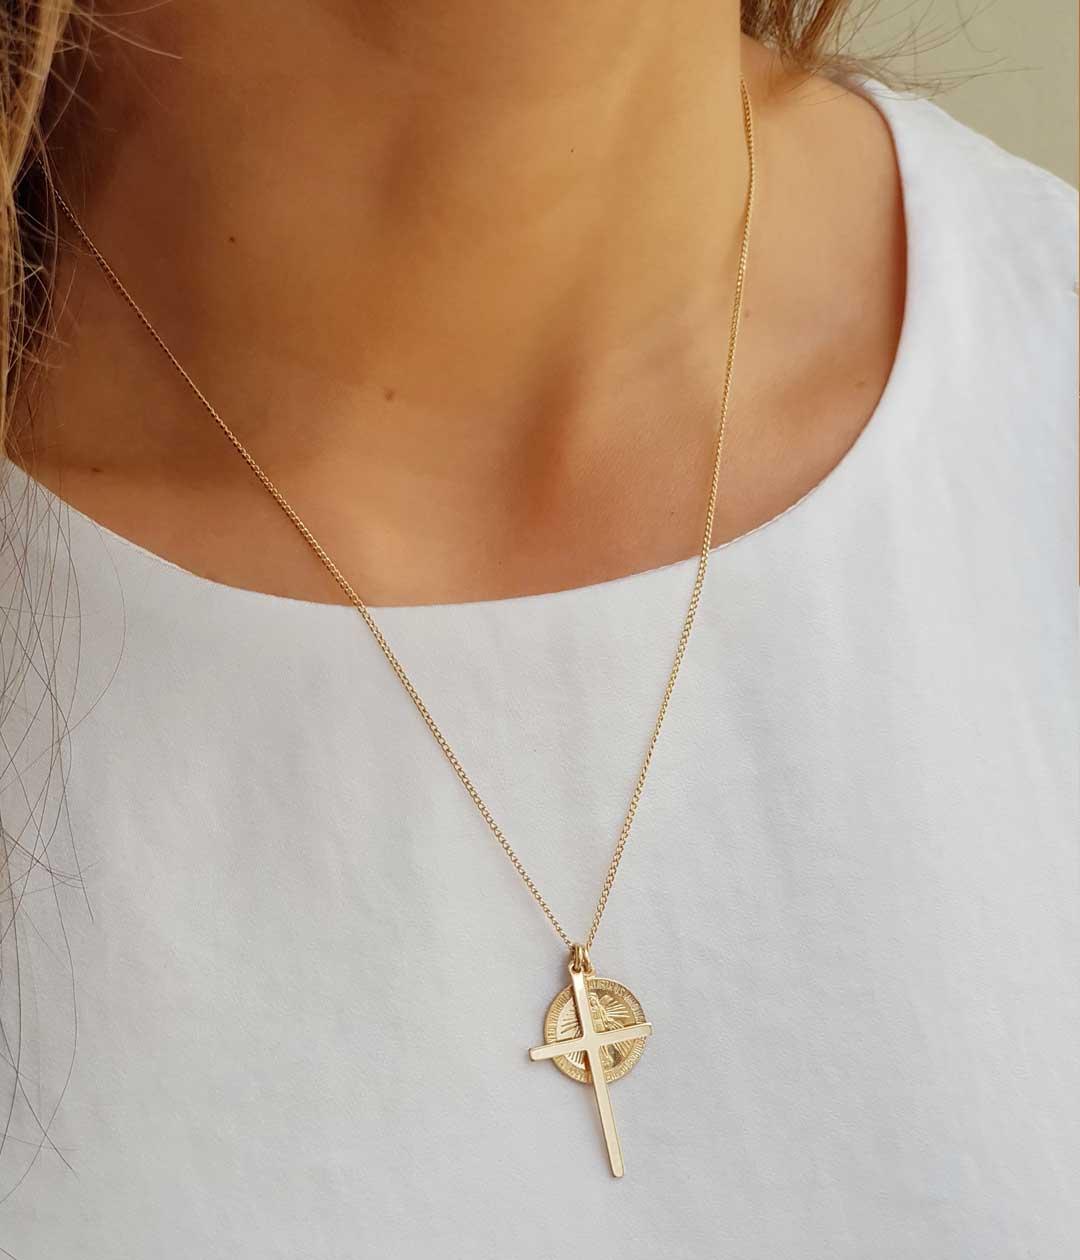 cross-vm-necklace-model-2